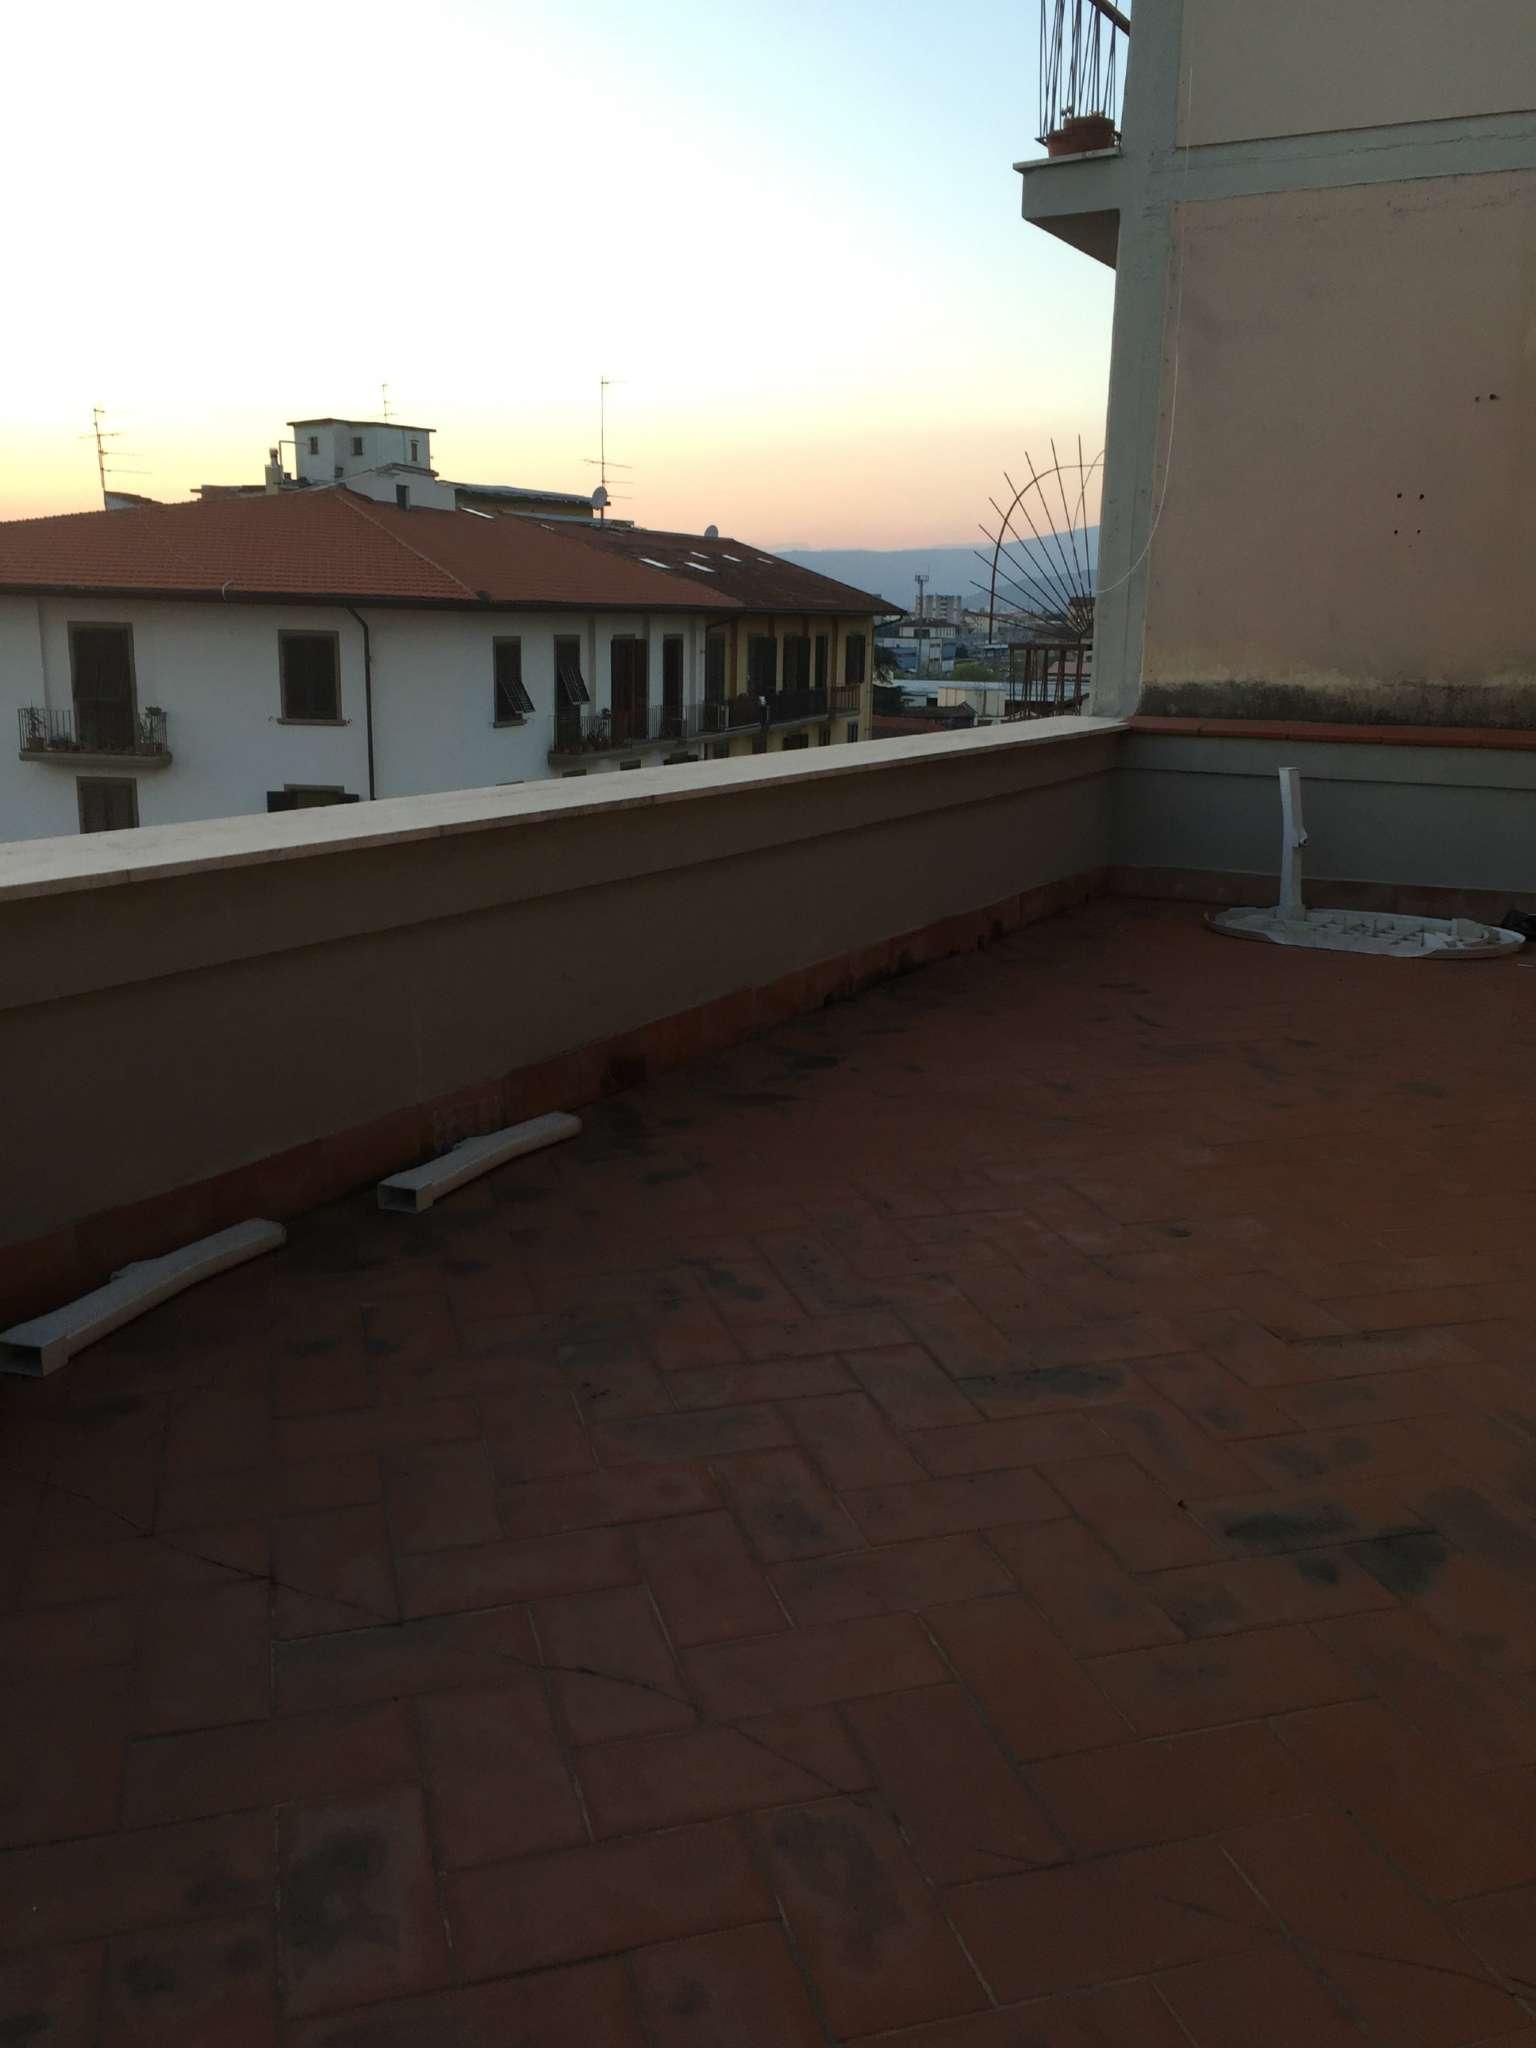 Attico / Mansarda in affitto a Firenze, 5 locali, zona Zona: 10 . Leopoldo, Rifredi, prezzo € 1.200 | Cambio Casa.it